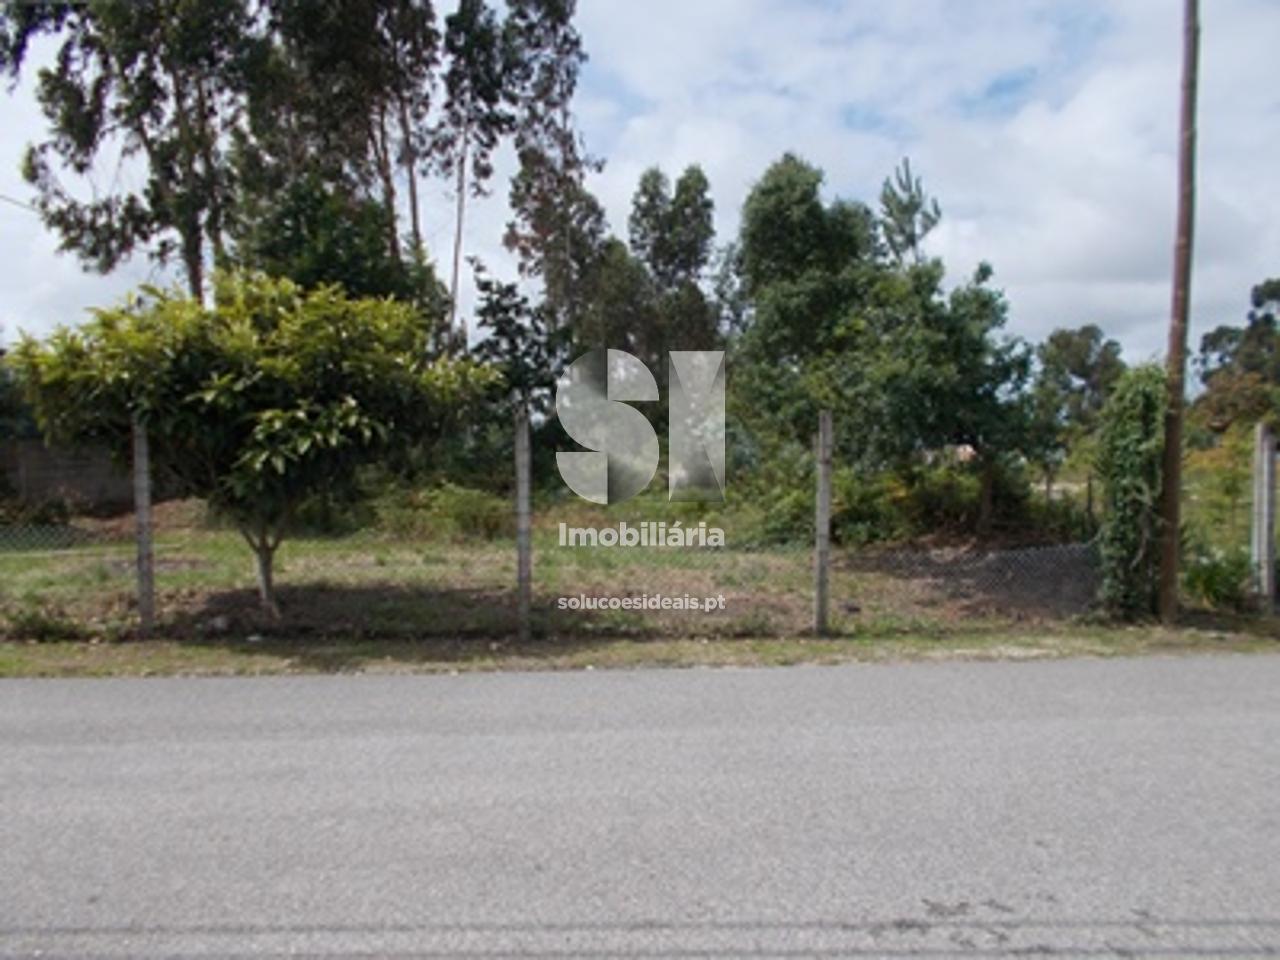 terreno para compra em aveiro sao bernardo AVGLB1854